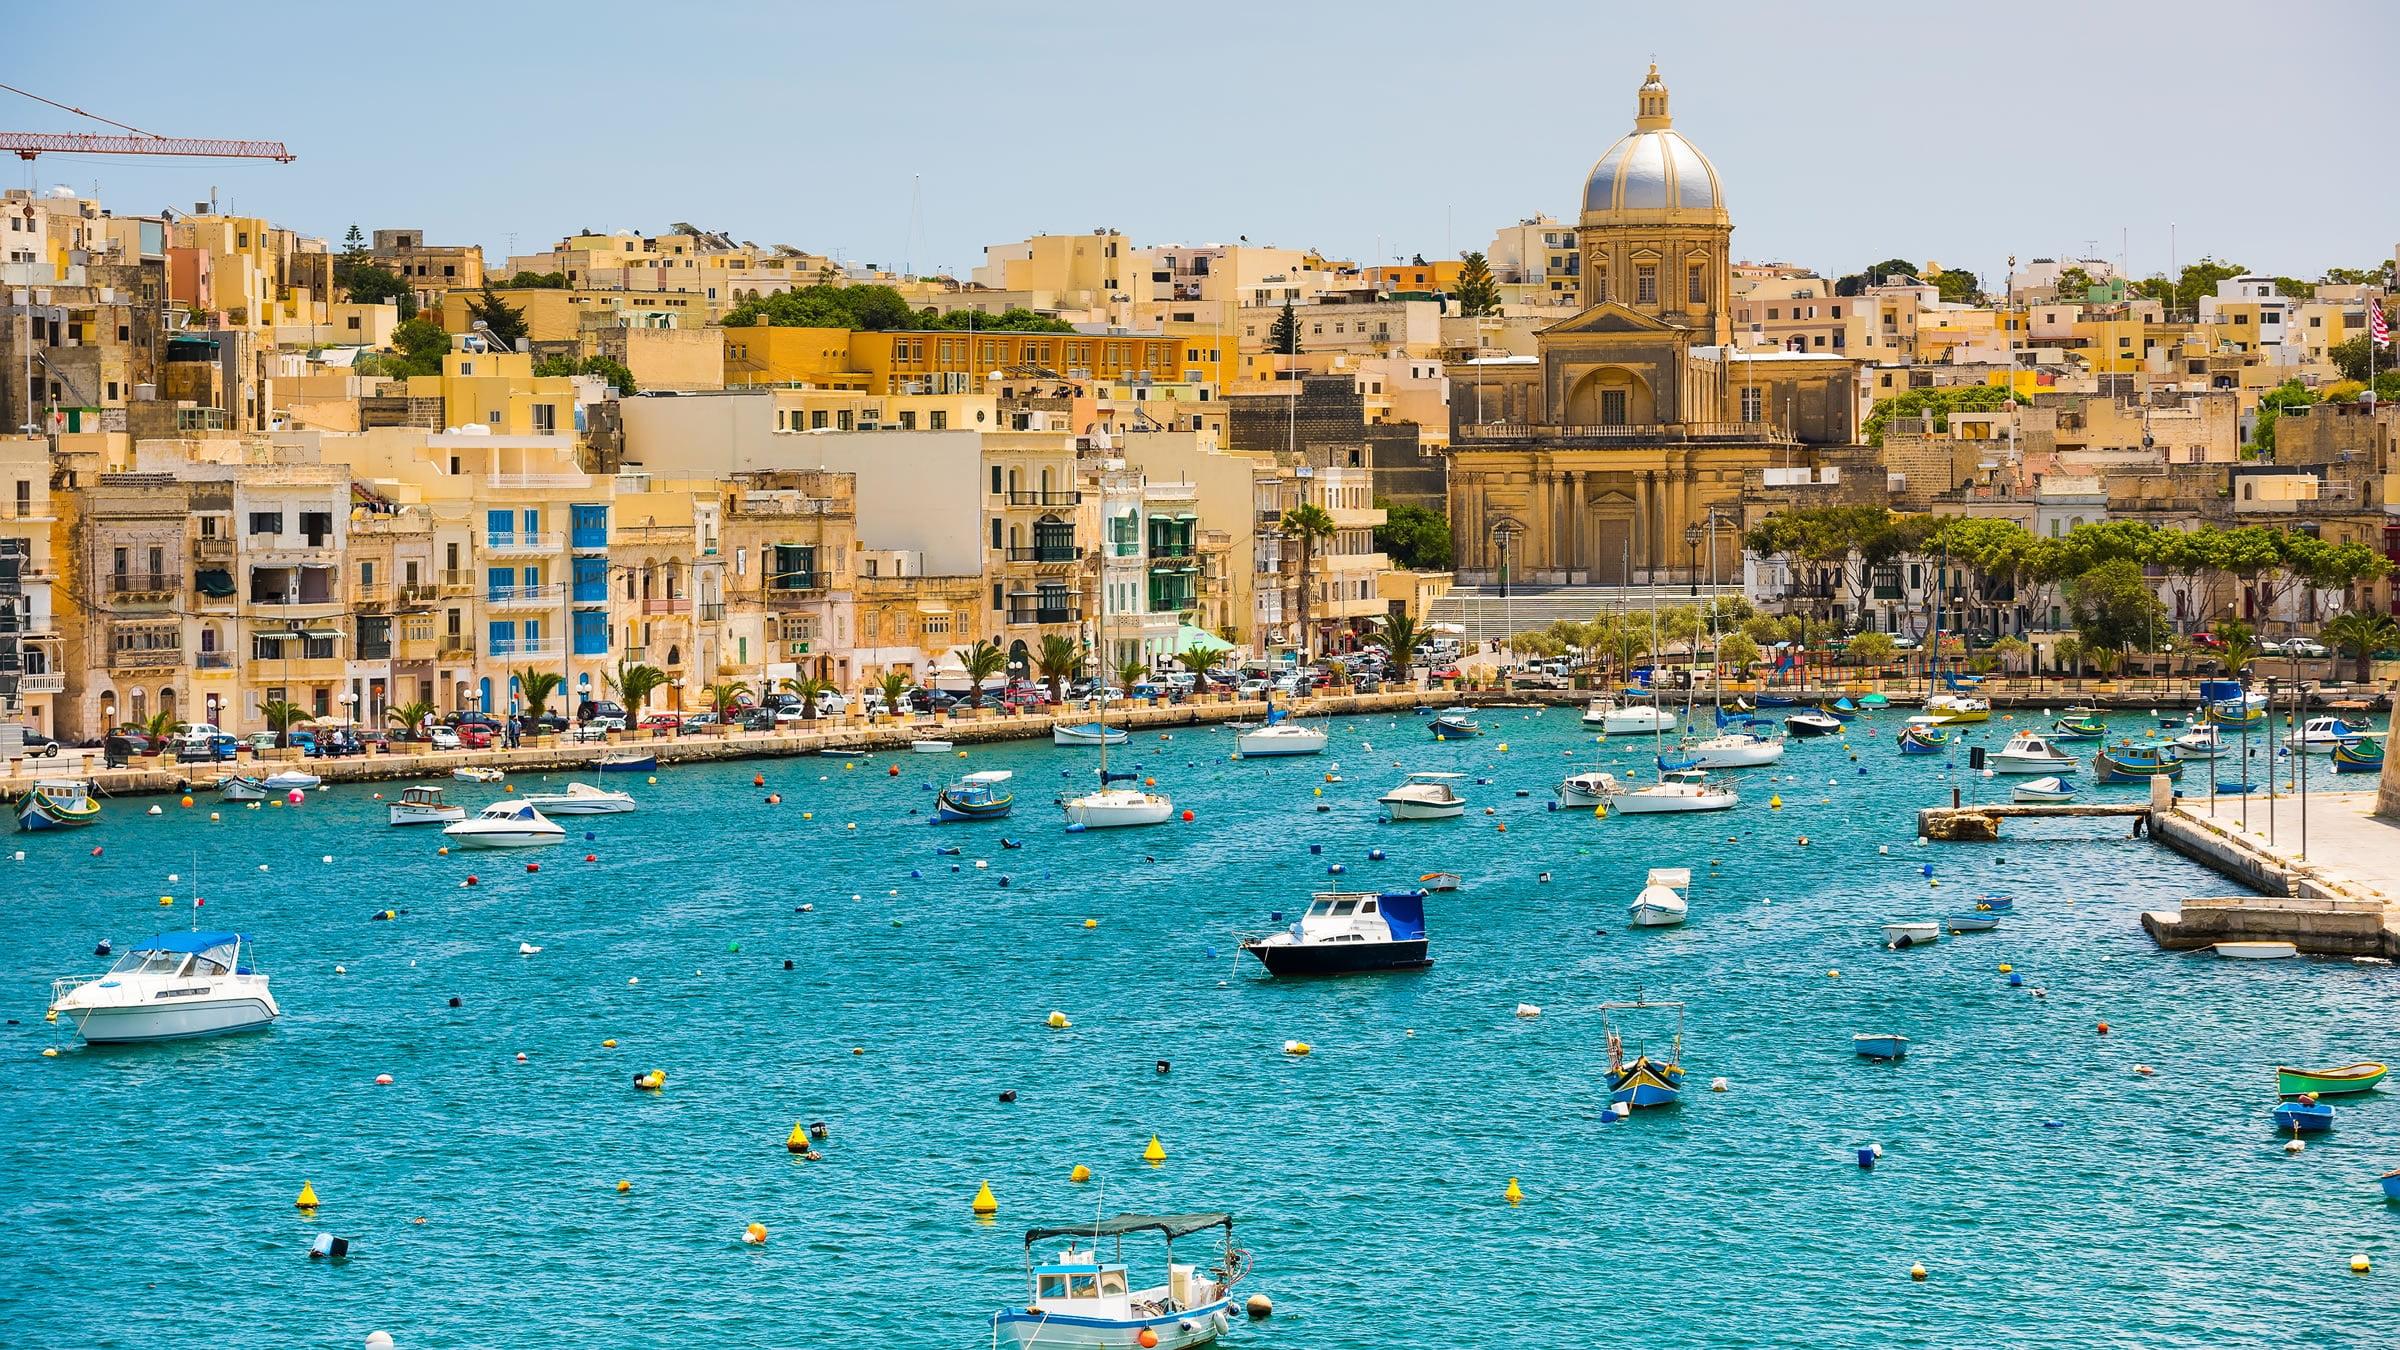 Vistas de la bahía de La Valeta en Malta